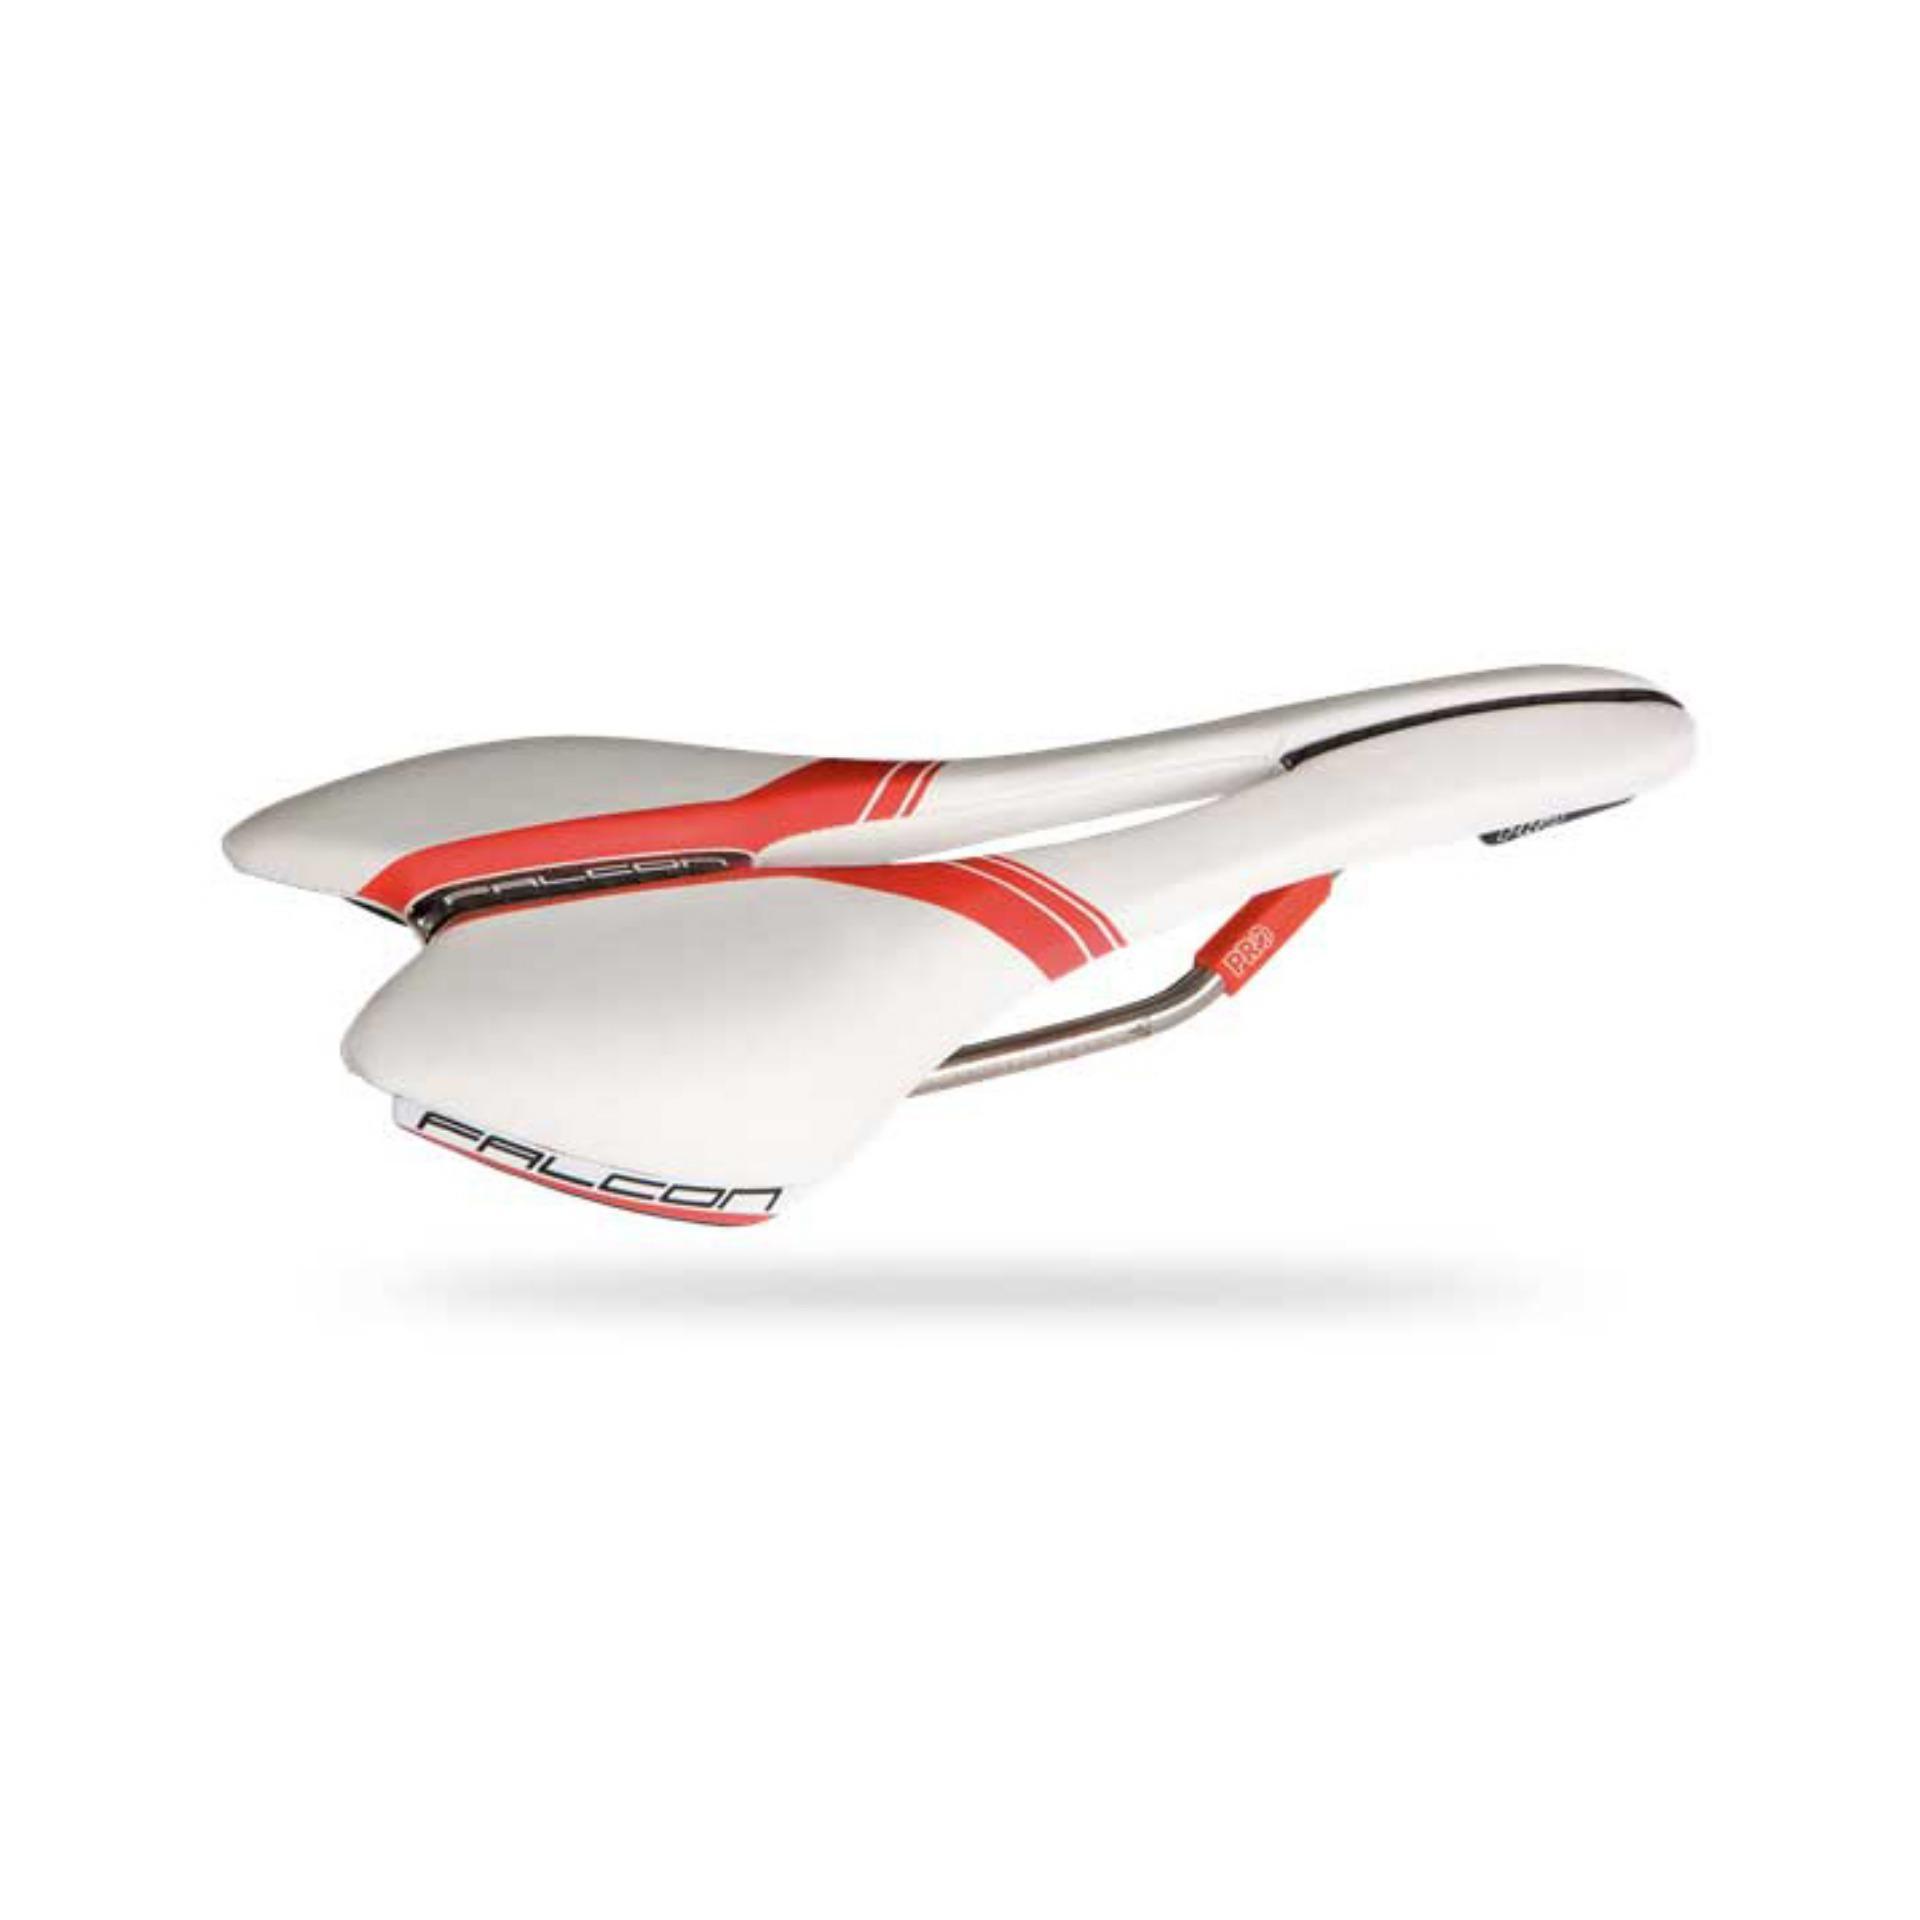 Yên xe đạp Shimano Pro Falcon TI AF(trắng)